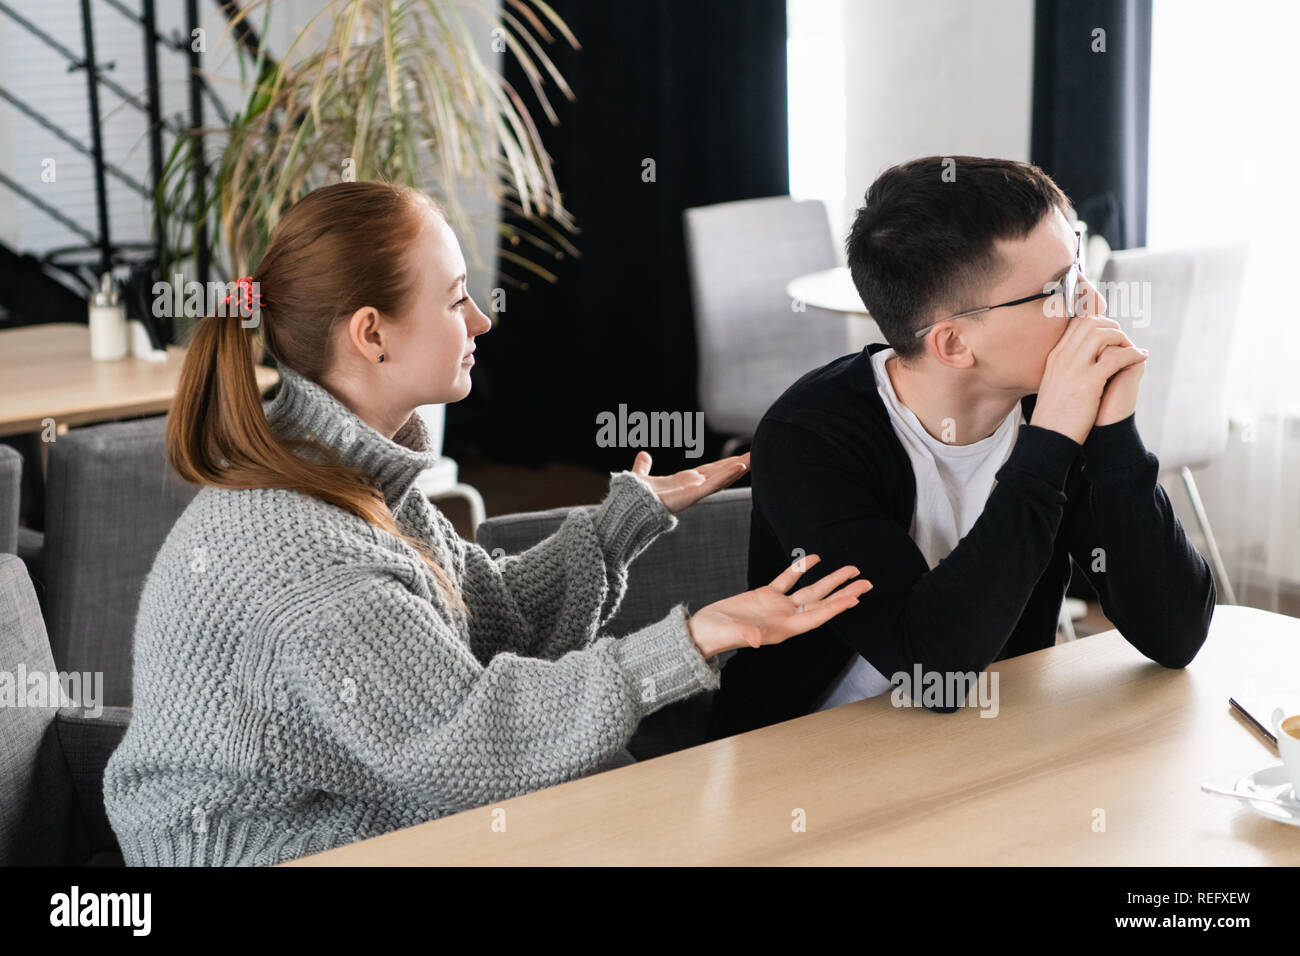 Malheureux jeune couple arguing, épouse en colère à la recherche de mari lui reproche de problèmes, les conflits dans le mariage, de mauvais rapports, l'homme et la femme ayant disputé ou désaccord Banque D'Images